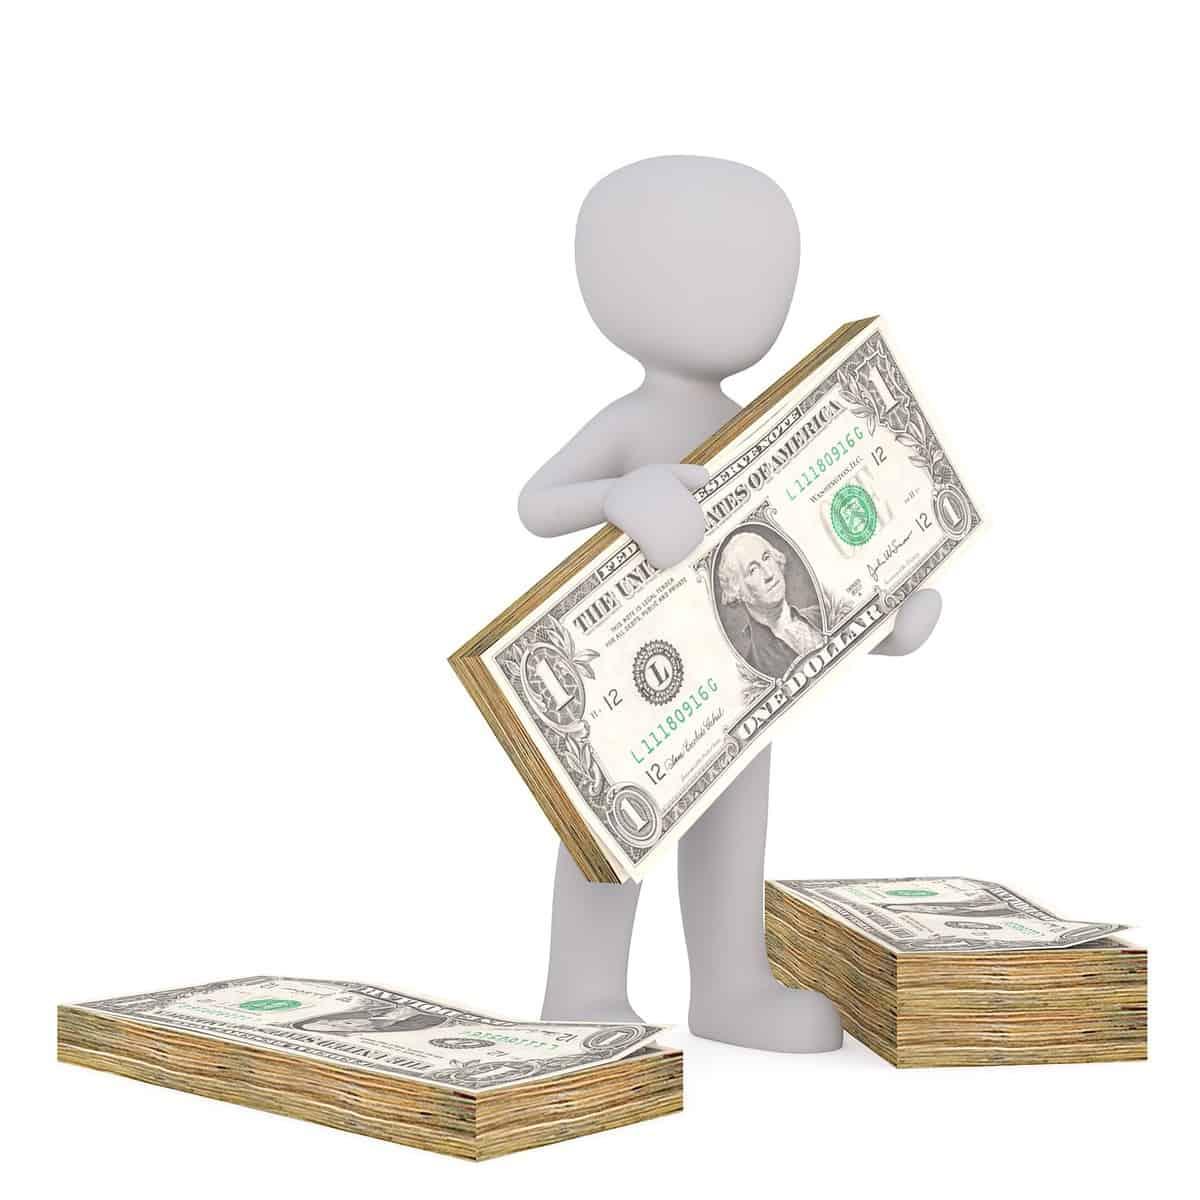 הון שחור: בואו לקרוא על הסיכונים האפשריים